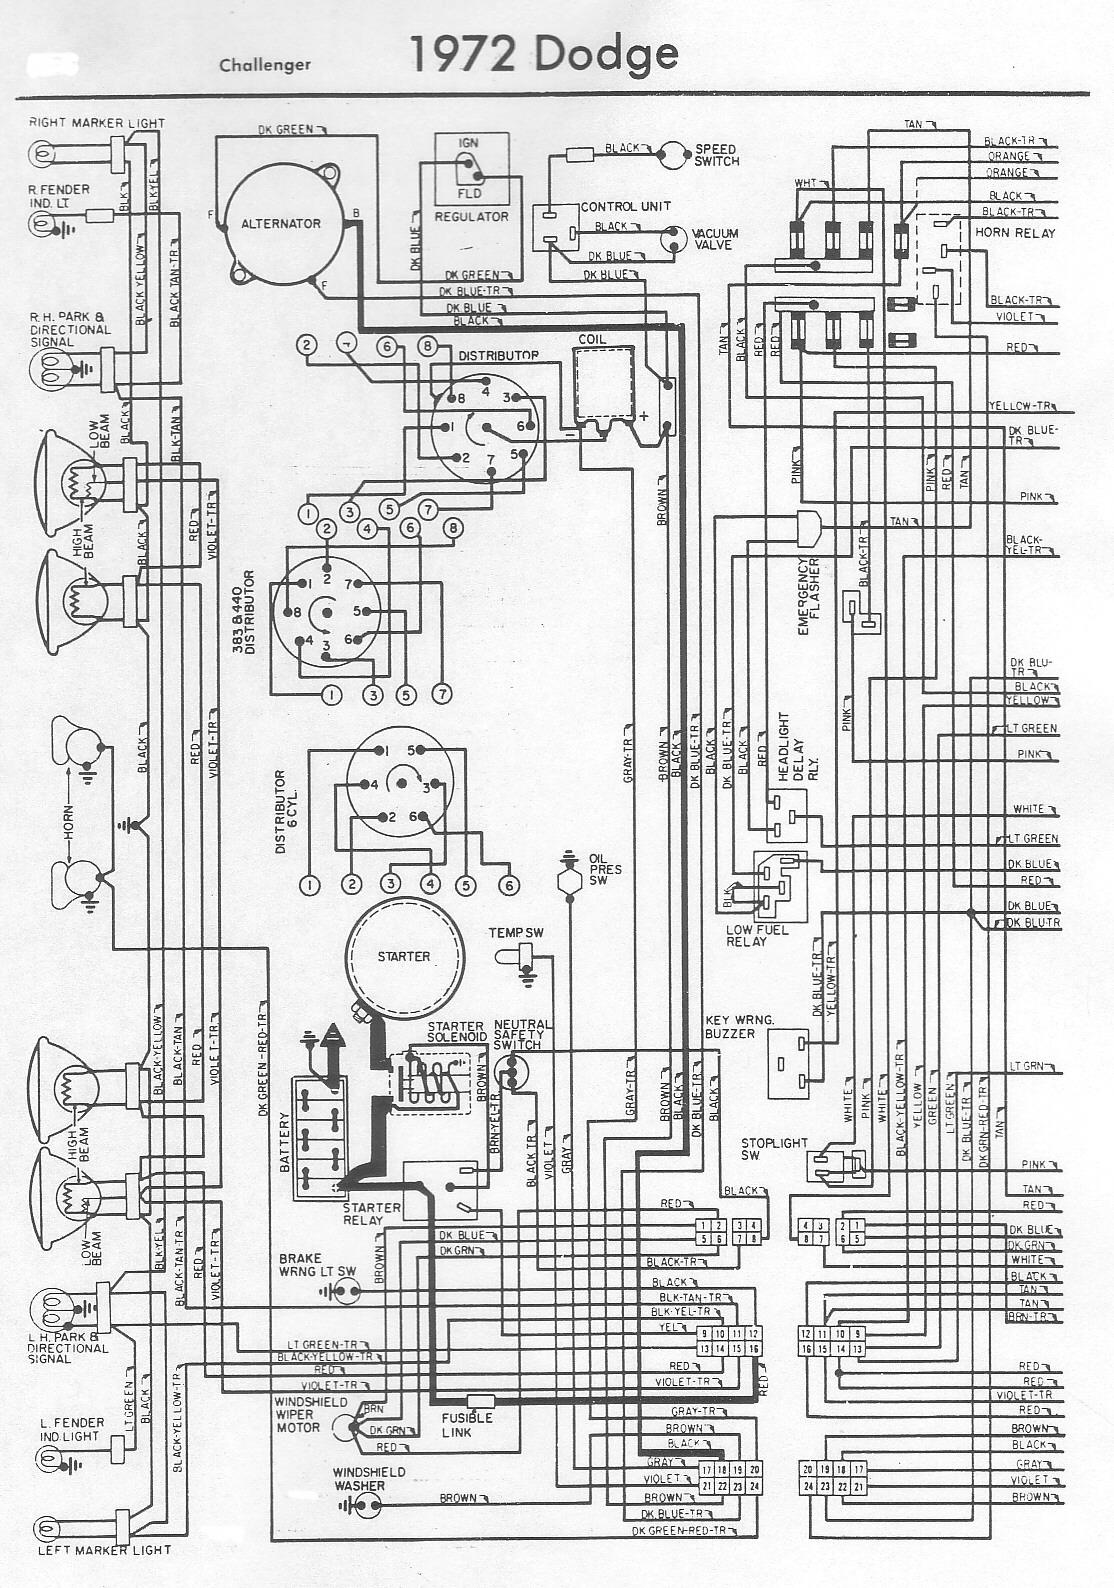 72 Dodge Lfc Wiring -6 Pin Rj11 Pinout Diagram | Begeboy Wiring Diagram  Source | Holophane Wiring Diagram 440 |  | Begeboy Wiring Diagram Source